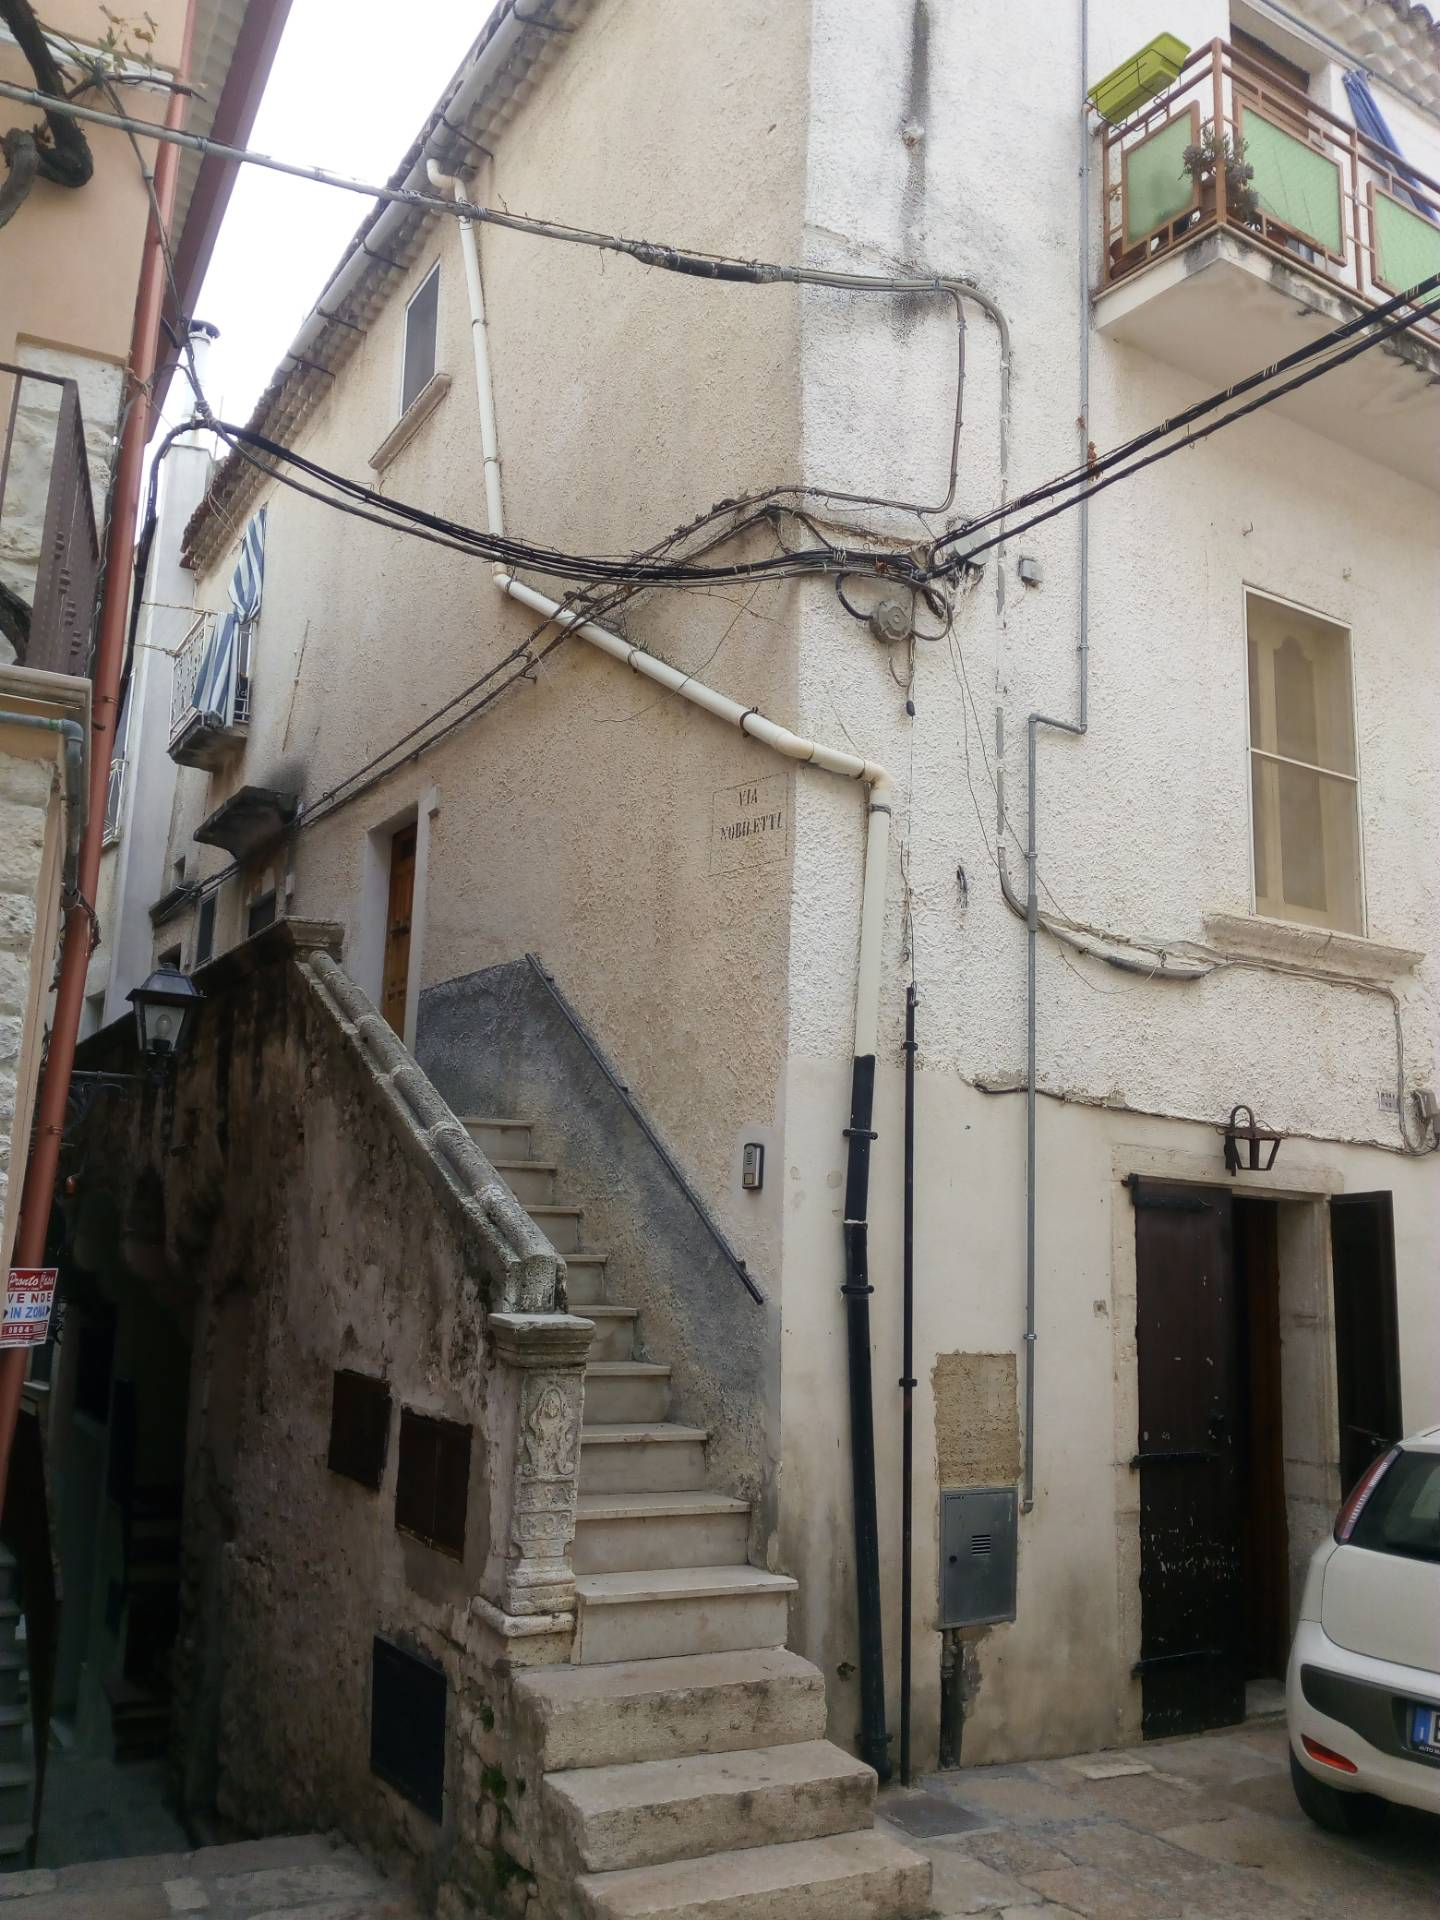 Appartamento in vendita a Ischitella, 6 locali, zona Località: Piazza, prezzo € 90.000 | PortaleAgenzieImmobiliari.it